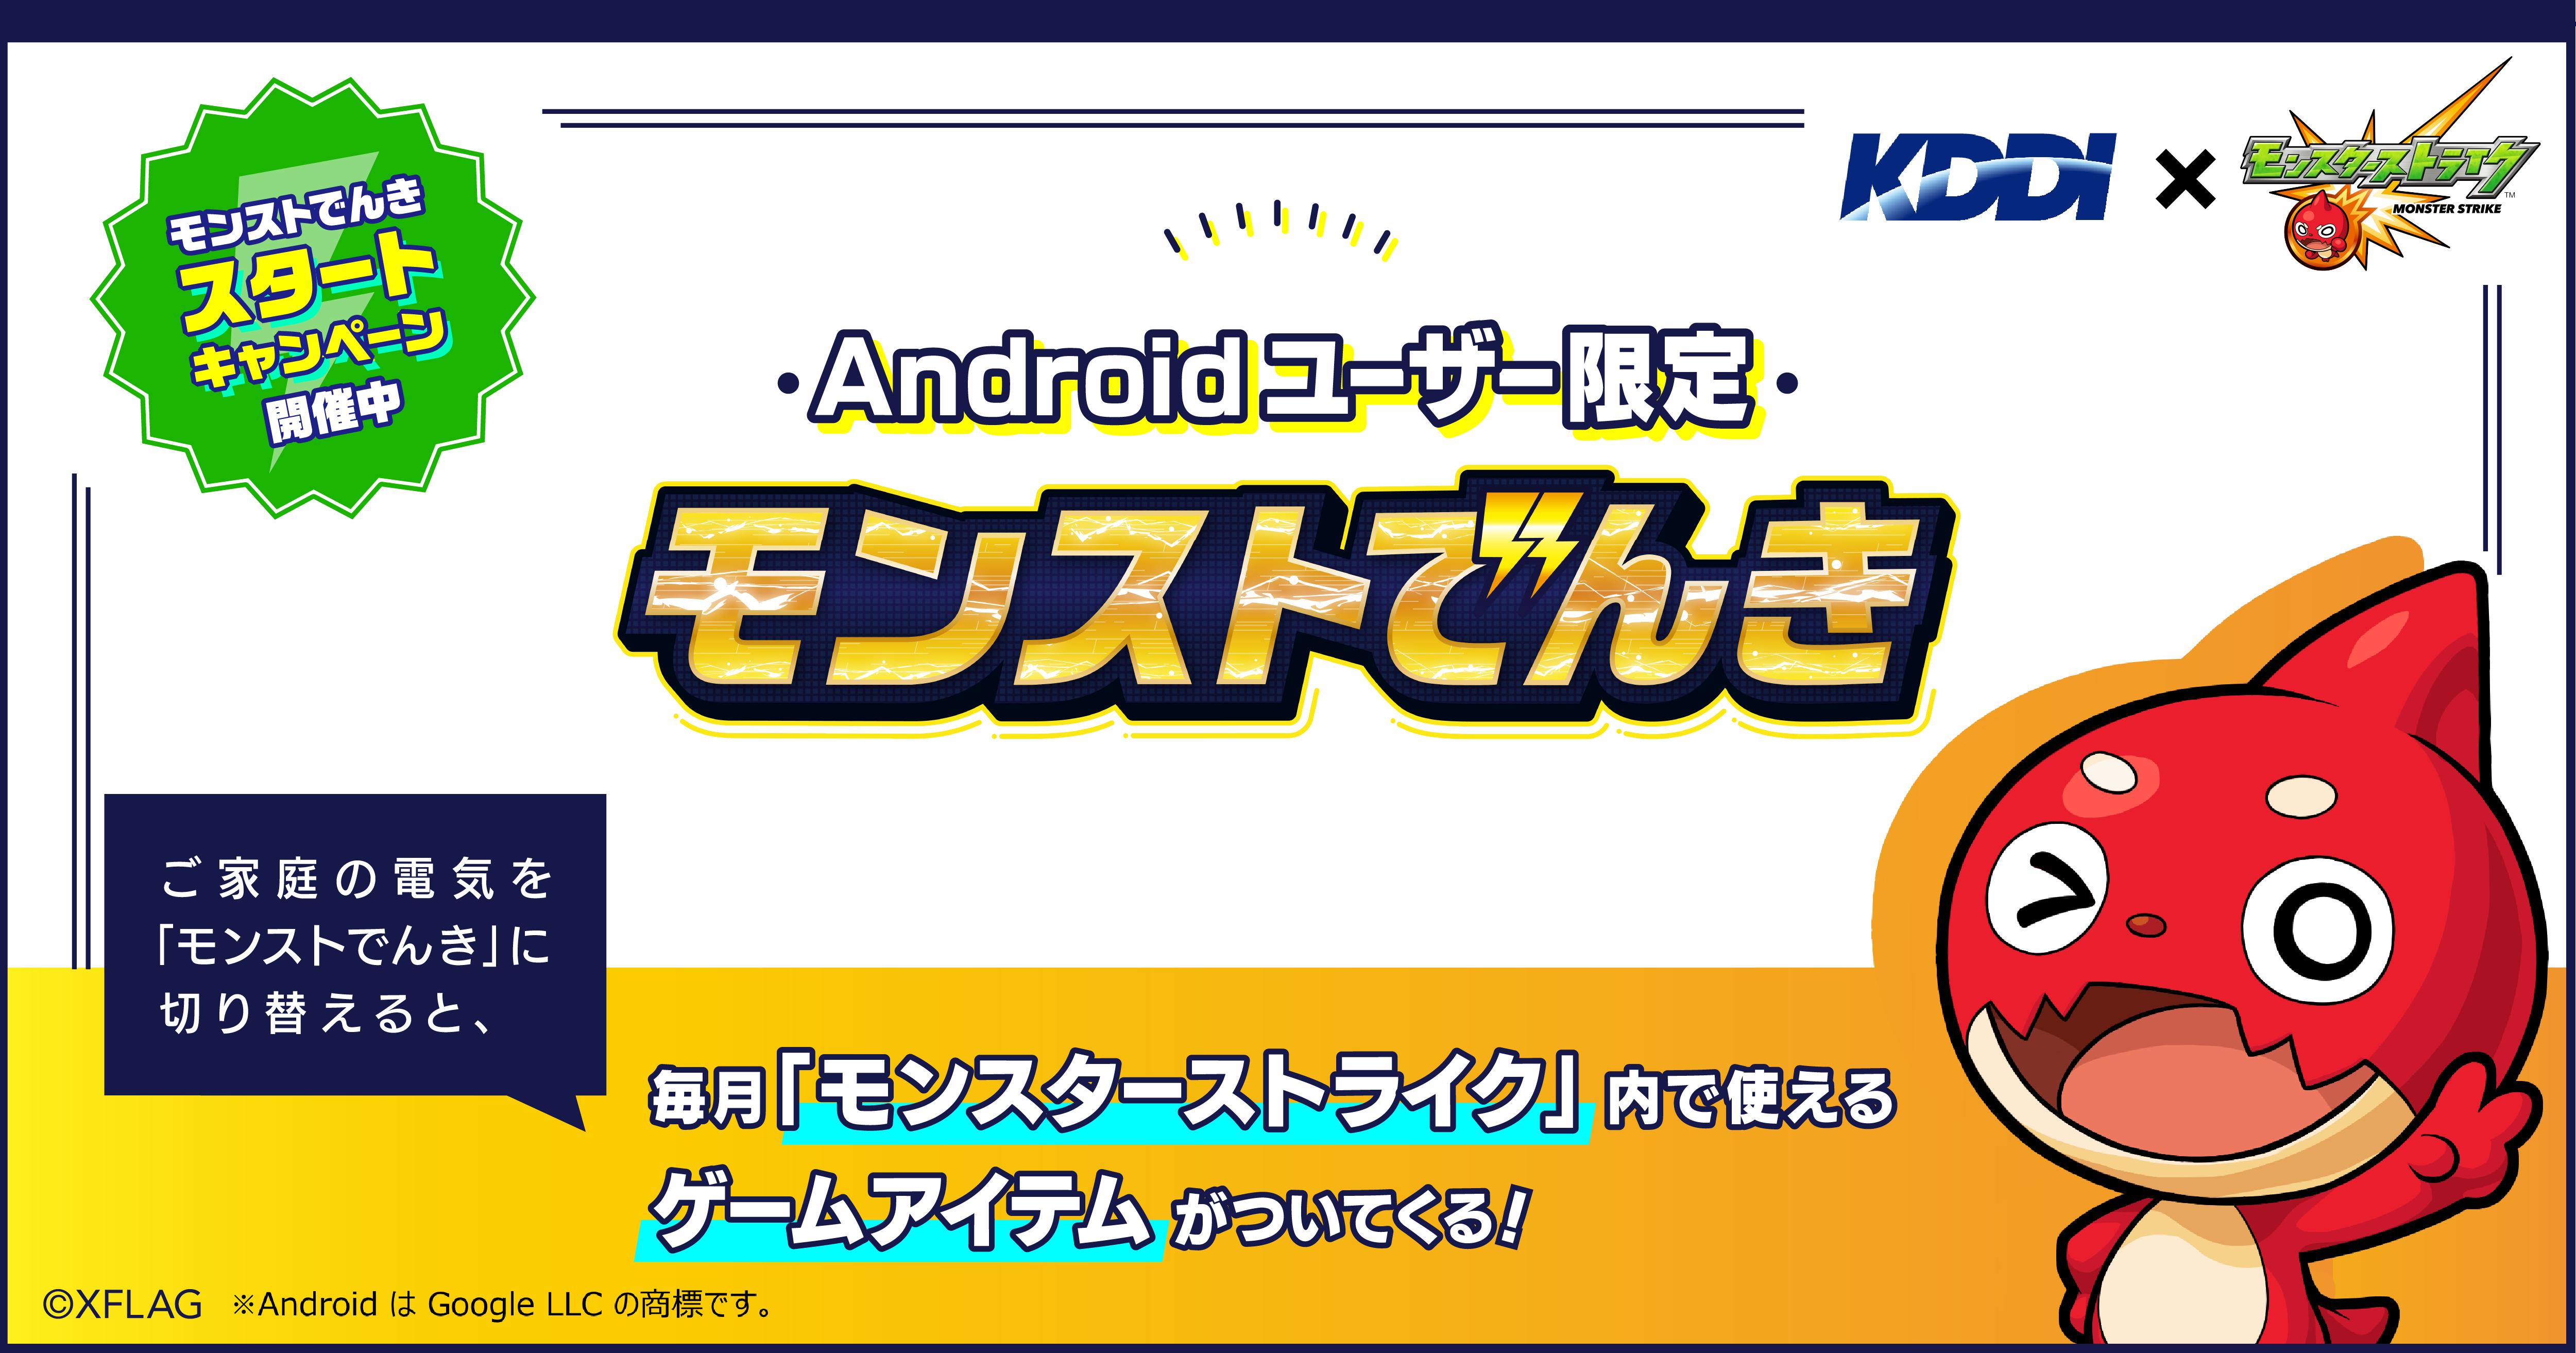 モンスト 【モンスト】最強キャラランキングTOP30【6/10更新】|ゲームエイト